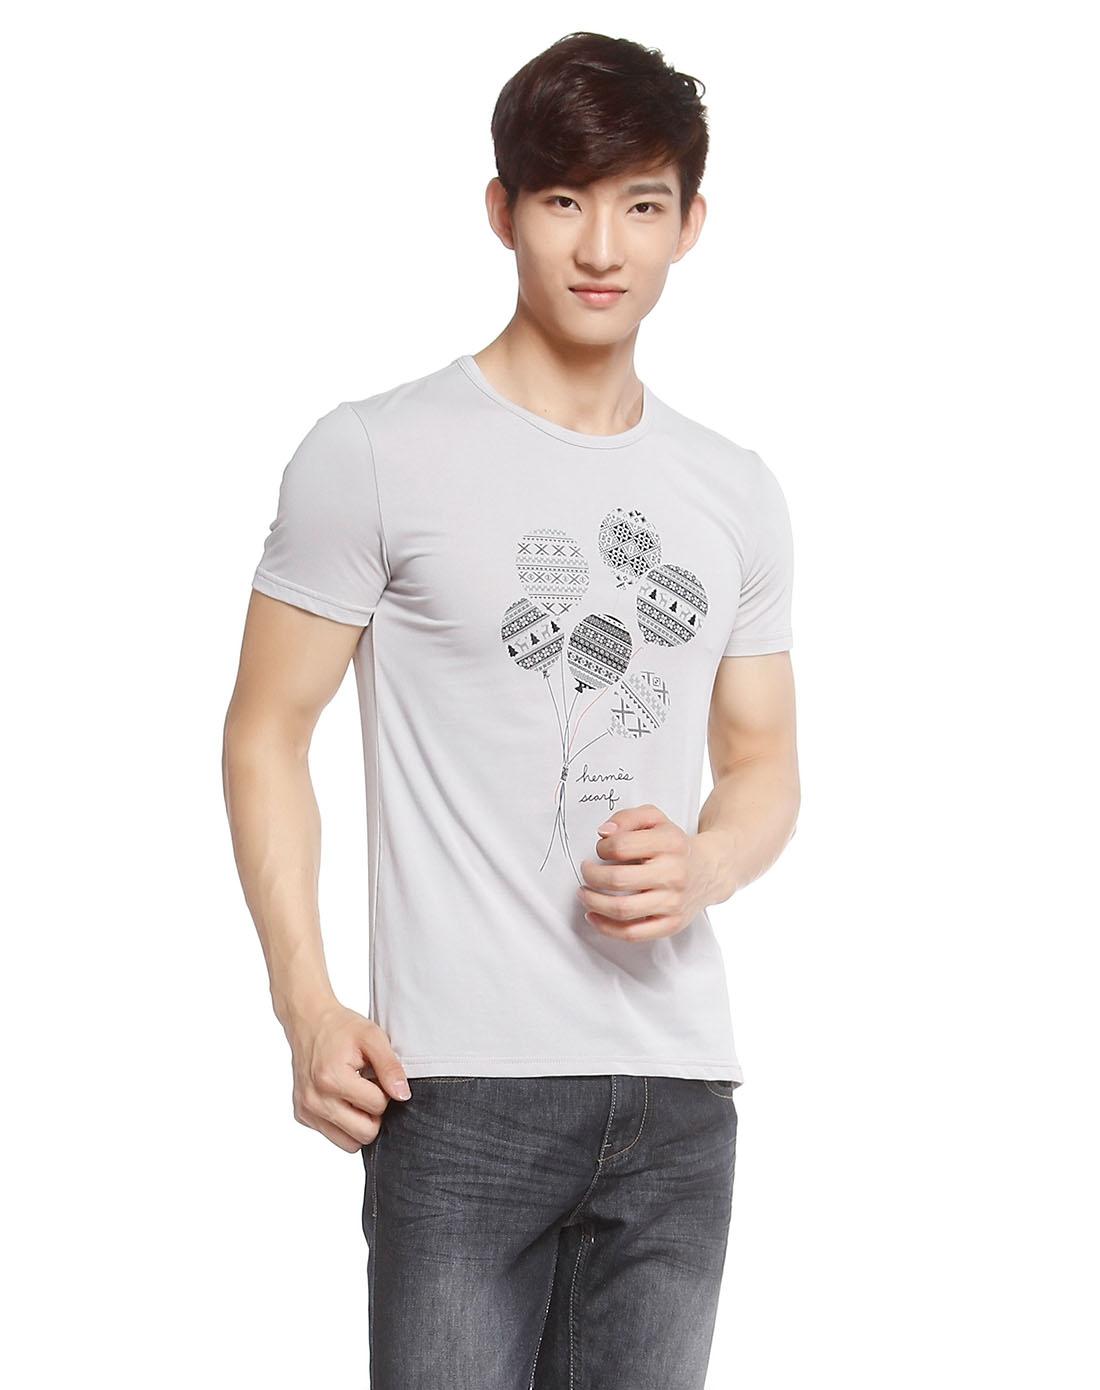 气球印图灰色短袖t恤